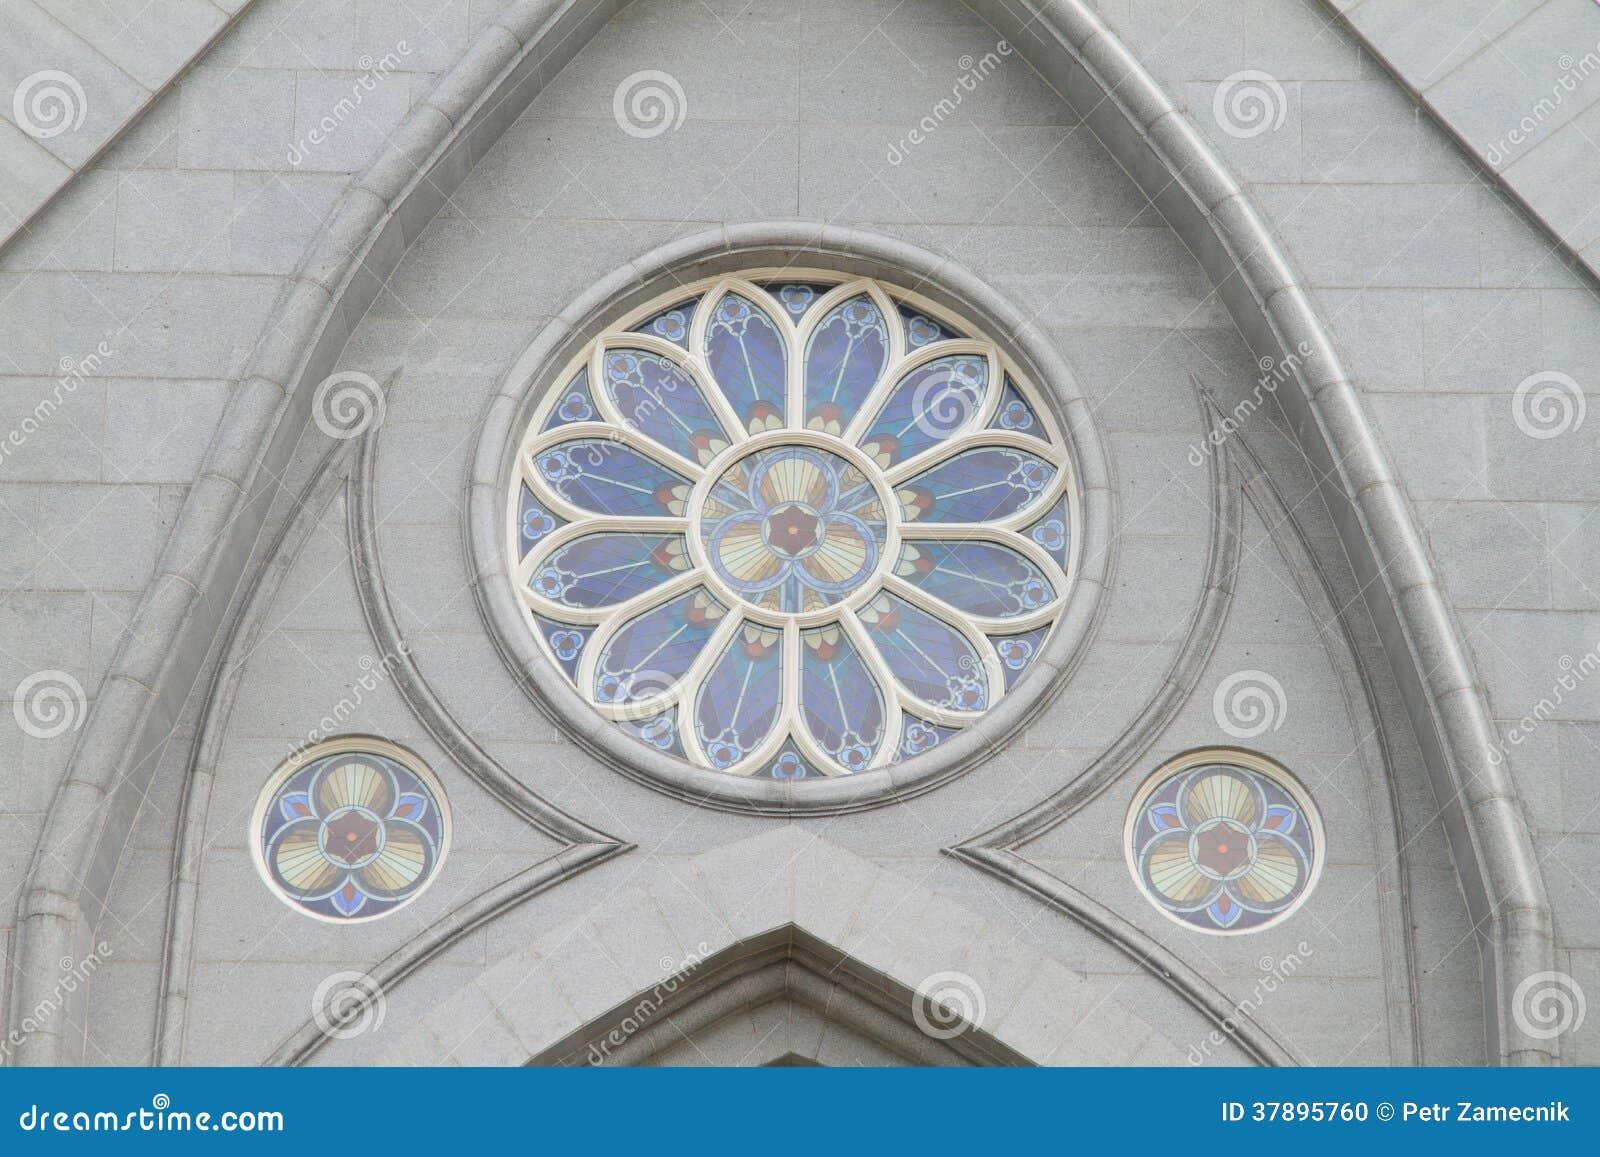 Rond venster